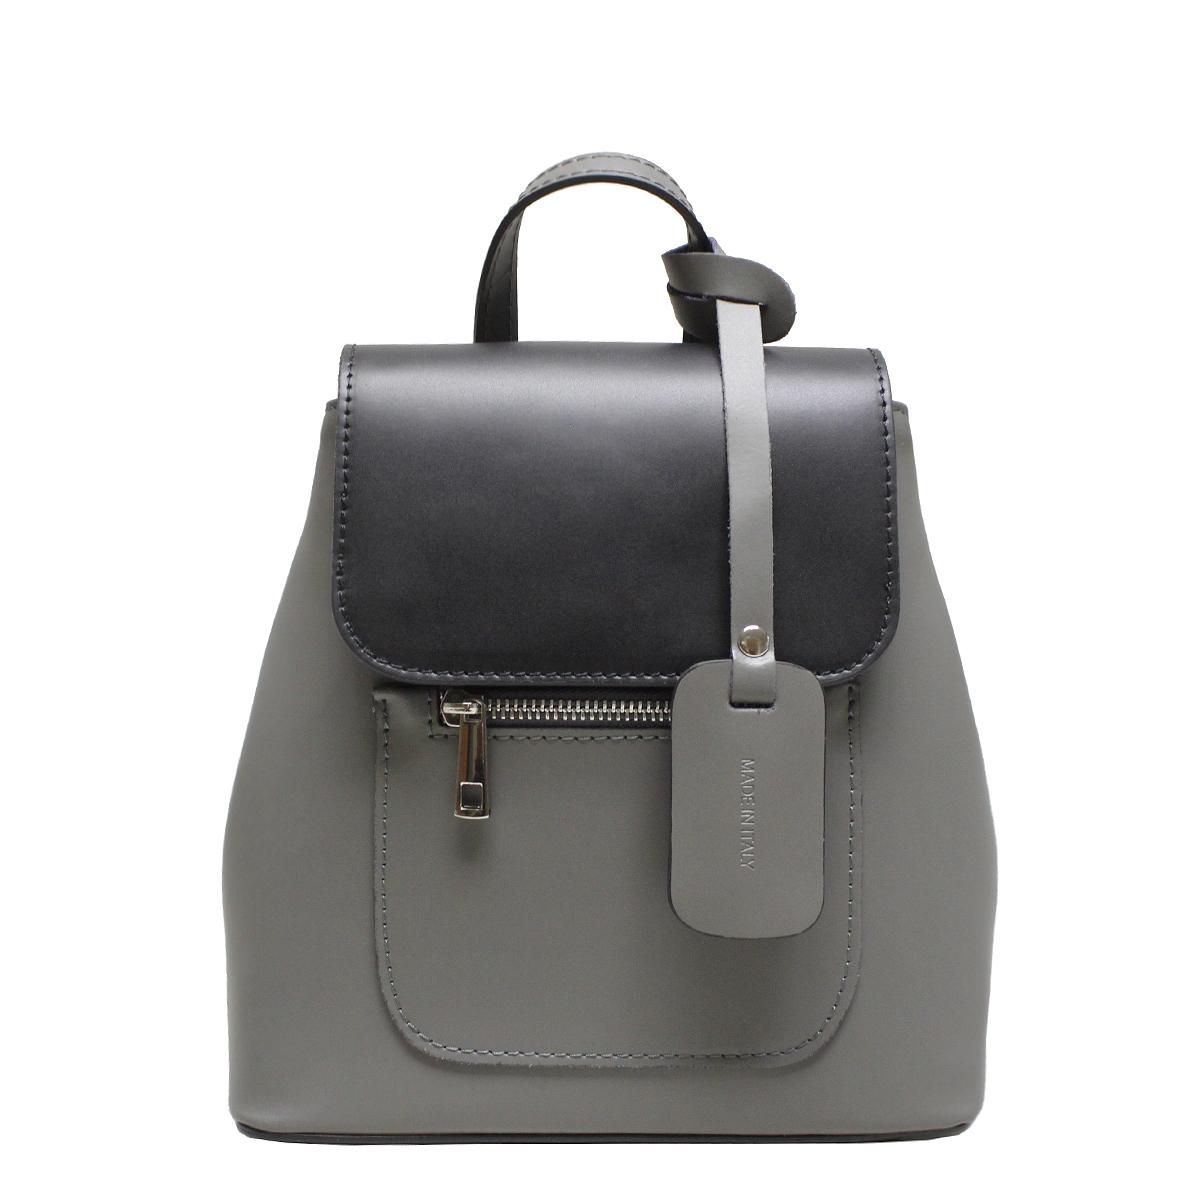 Рюкзак женский Edmins, цвет: черно-серый. 9940 ED Black-grey1034071Стильный женский рюкзачок Edmins выполнен из натуральной кожи. Рюкзак закрывается на магнитную застежку и клапан. Внутри - одно отделение, в котором карман на застежке-молнии и два открытых кармана, снаружи карманчик на застежке-молнии. По бокам на высоте клапана - кнопки. Обращаем внимание, что необходимо произвести усилие для застегивания кнопок. Это функционально продуманно, чтобы исключить легкое растягивание кнопок под нагрузкой содержимого рюкзака. На дне рюкзака металлические ножки, предохраняющие дно от потертостей и загрязнений. Цвет фурнитуры: серебряный. Высота ручки рюкзака: 6 см.Длина лямок регулируется от 64 см до 76 см.